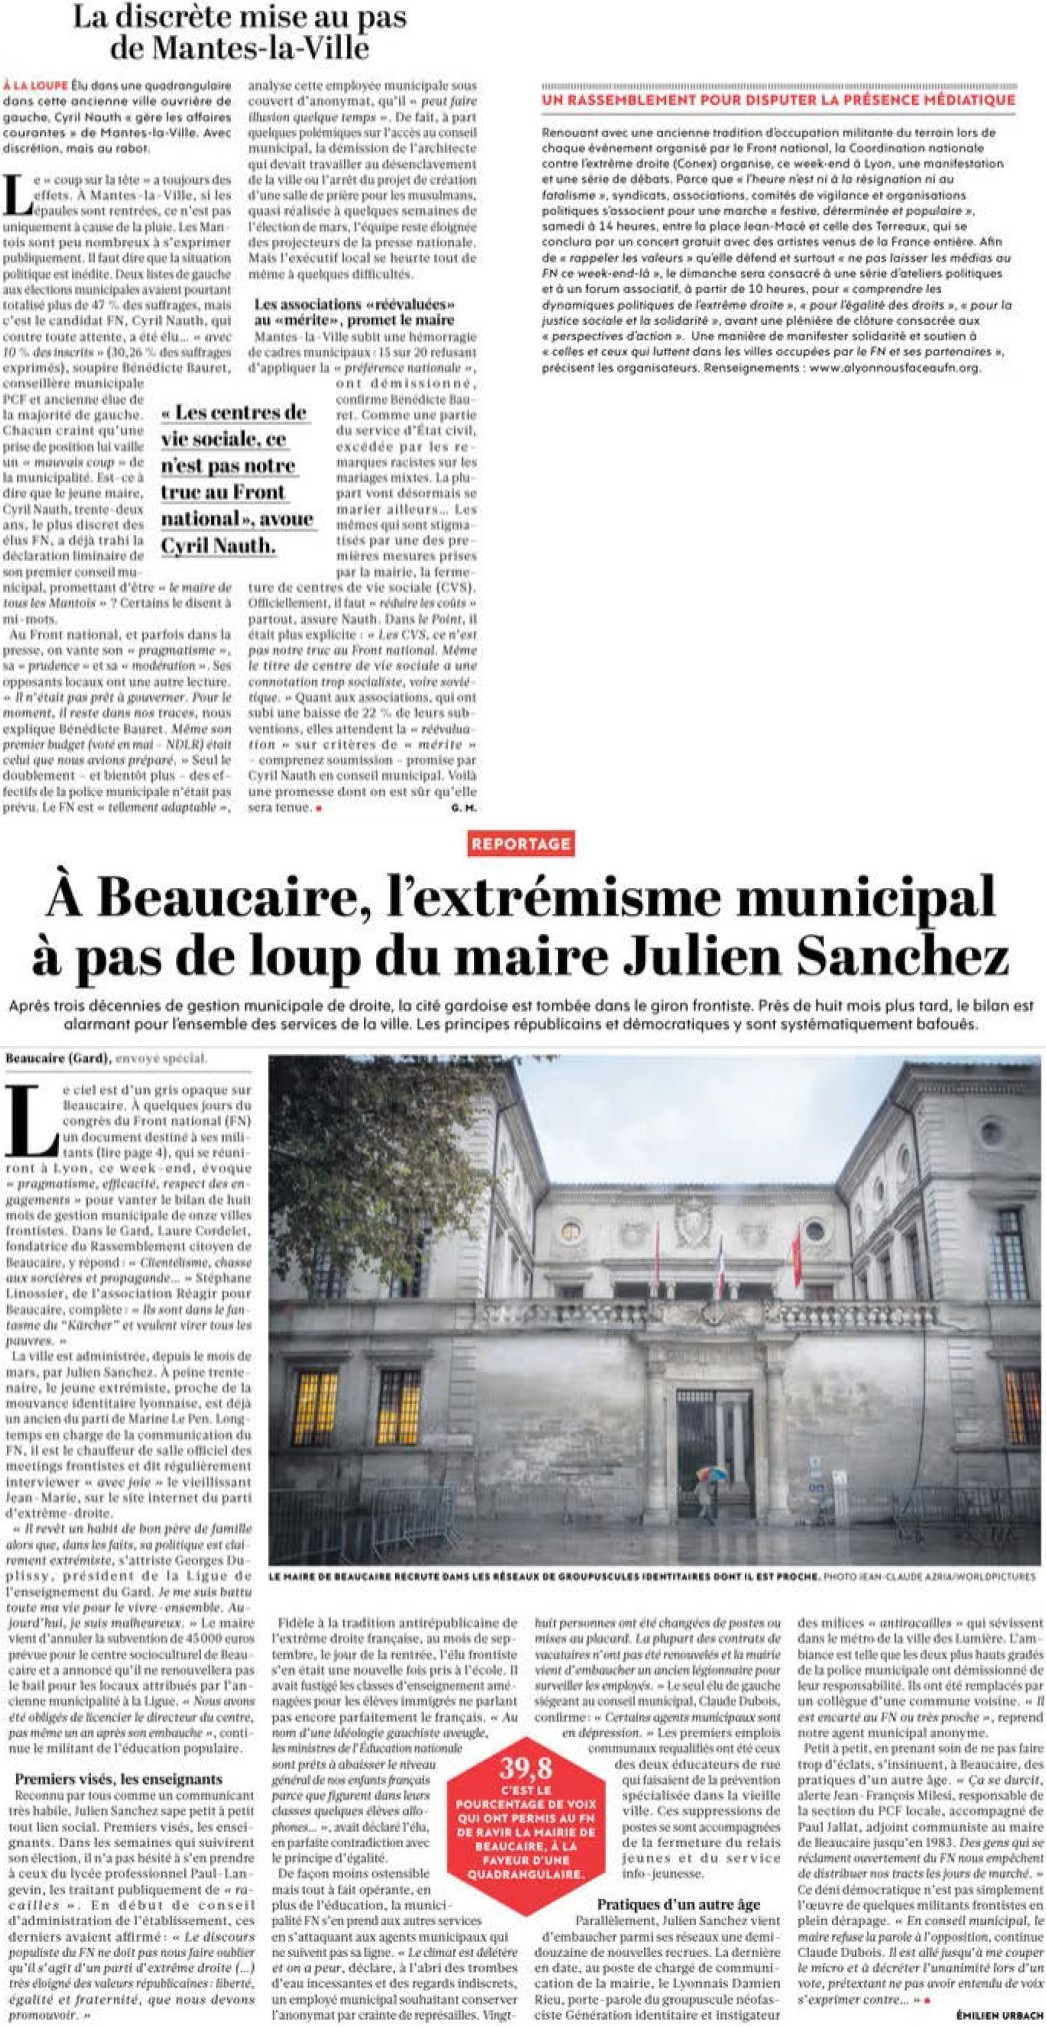 Marine Le Pen décroche les millions russes + Le salut fasciste de l'argentier de Marine Le Pen + Au FN, rien ne change + Front National : l'insulte aux Lyonnais (Parti de Gauche) + Discours social du Front National : la grande escroquerie (Humanité) 14112812310617936712746115